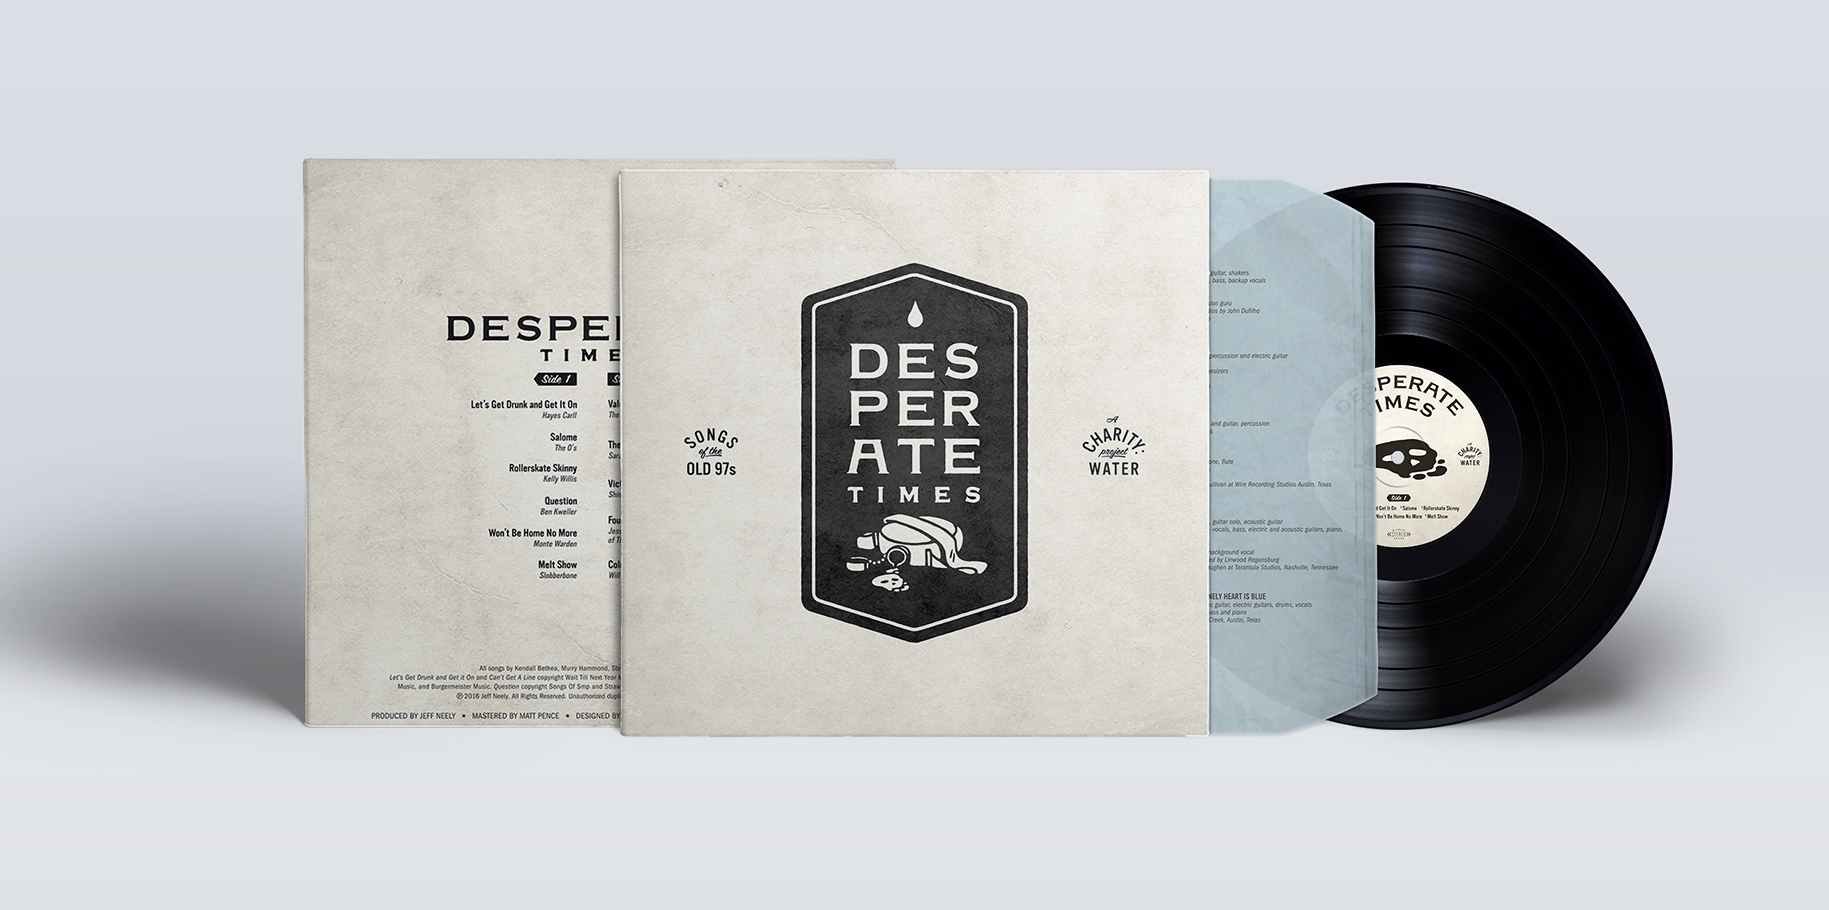 DespTimes Vinyl Mockup.jpg